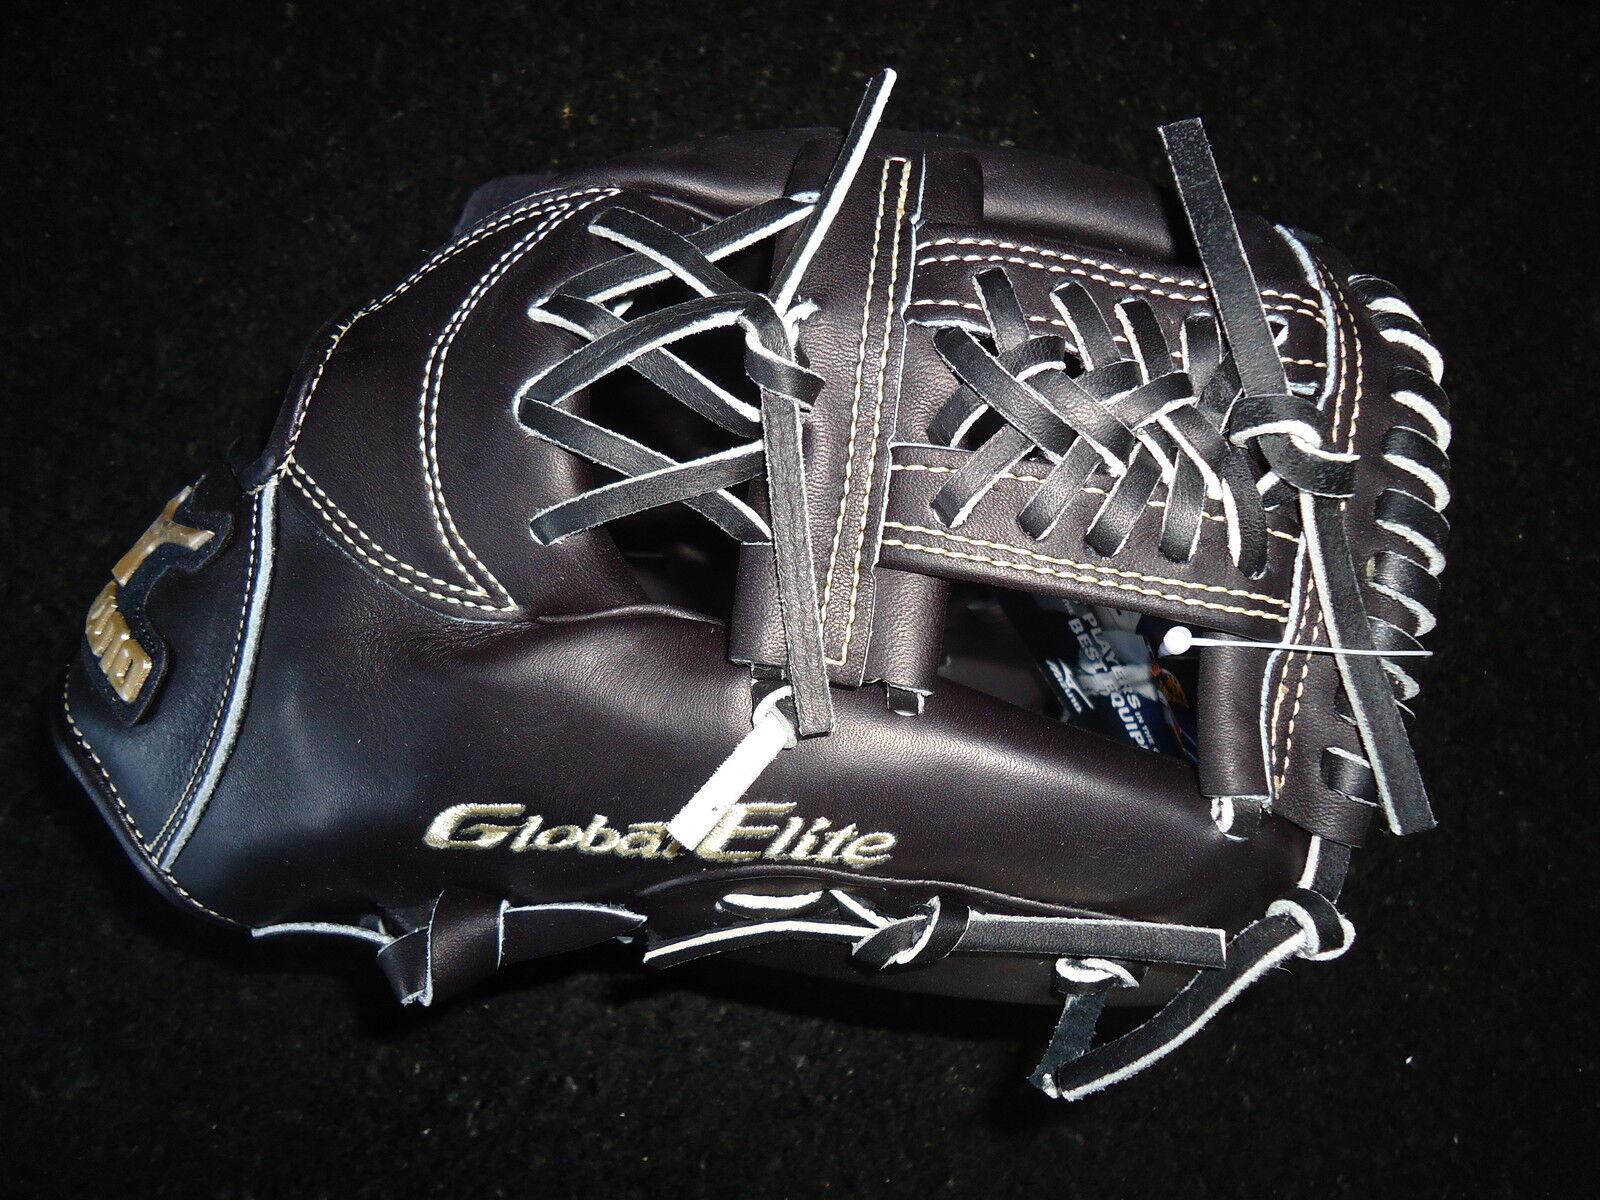 Guante Mizuno Global Elite VOP GGE50VBK 11.75  - mano derecha con bolsa de guante de bonificación -  299.99+